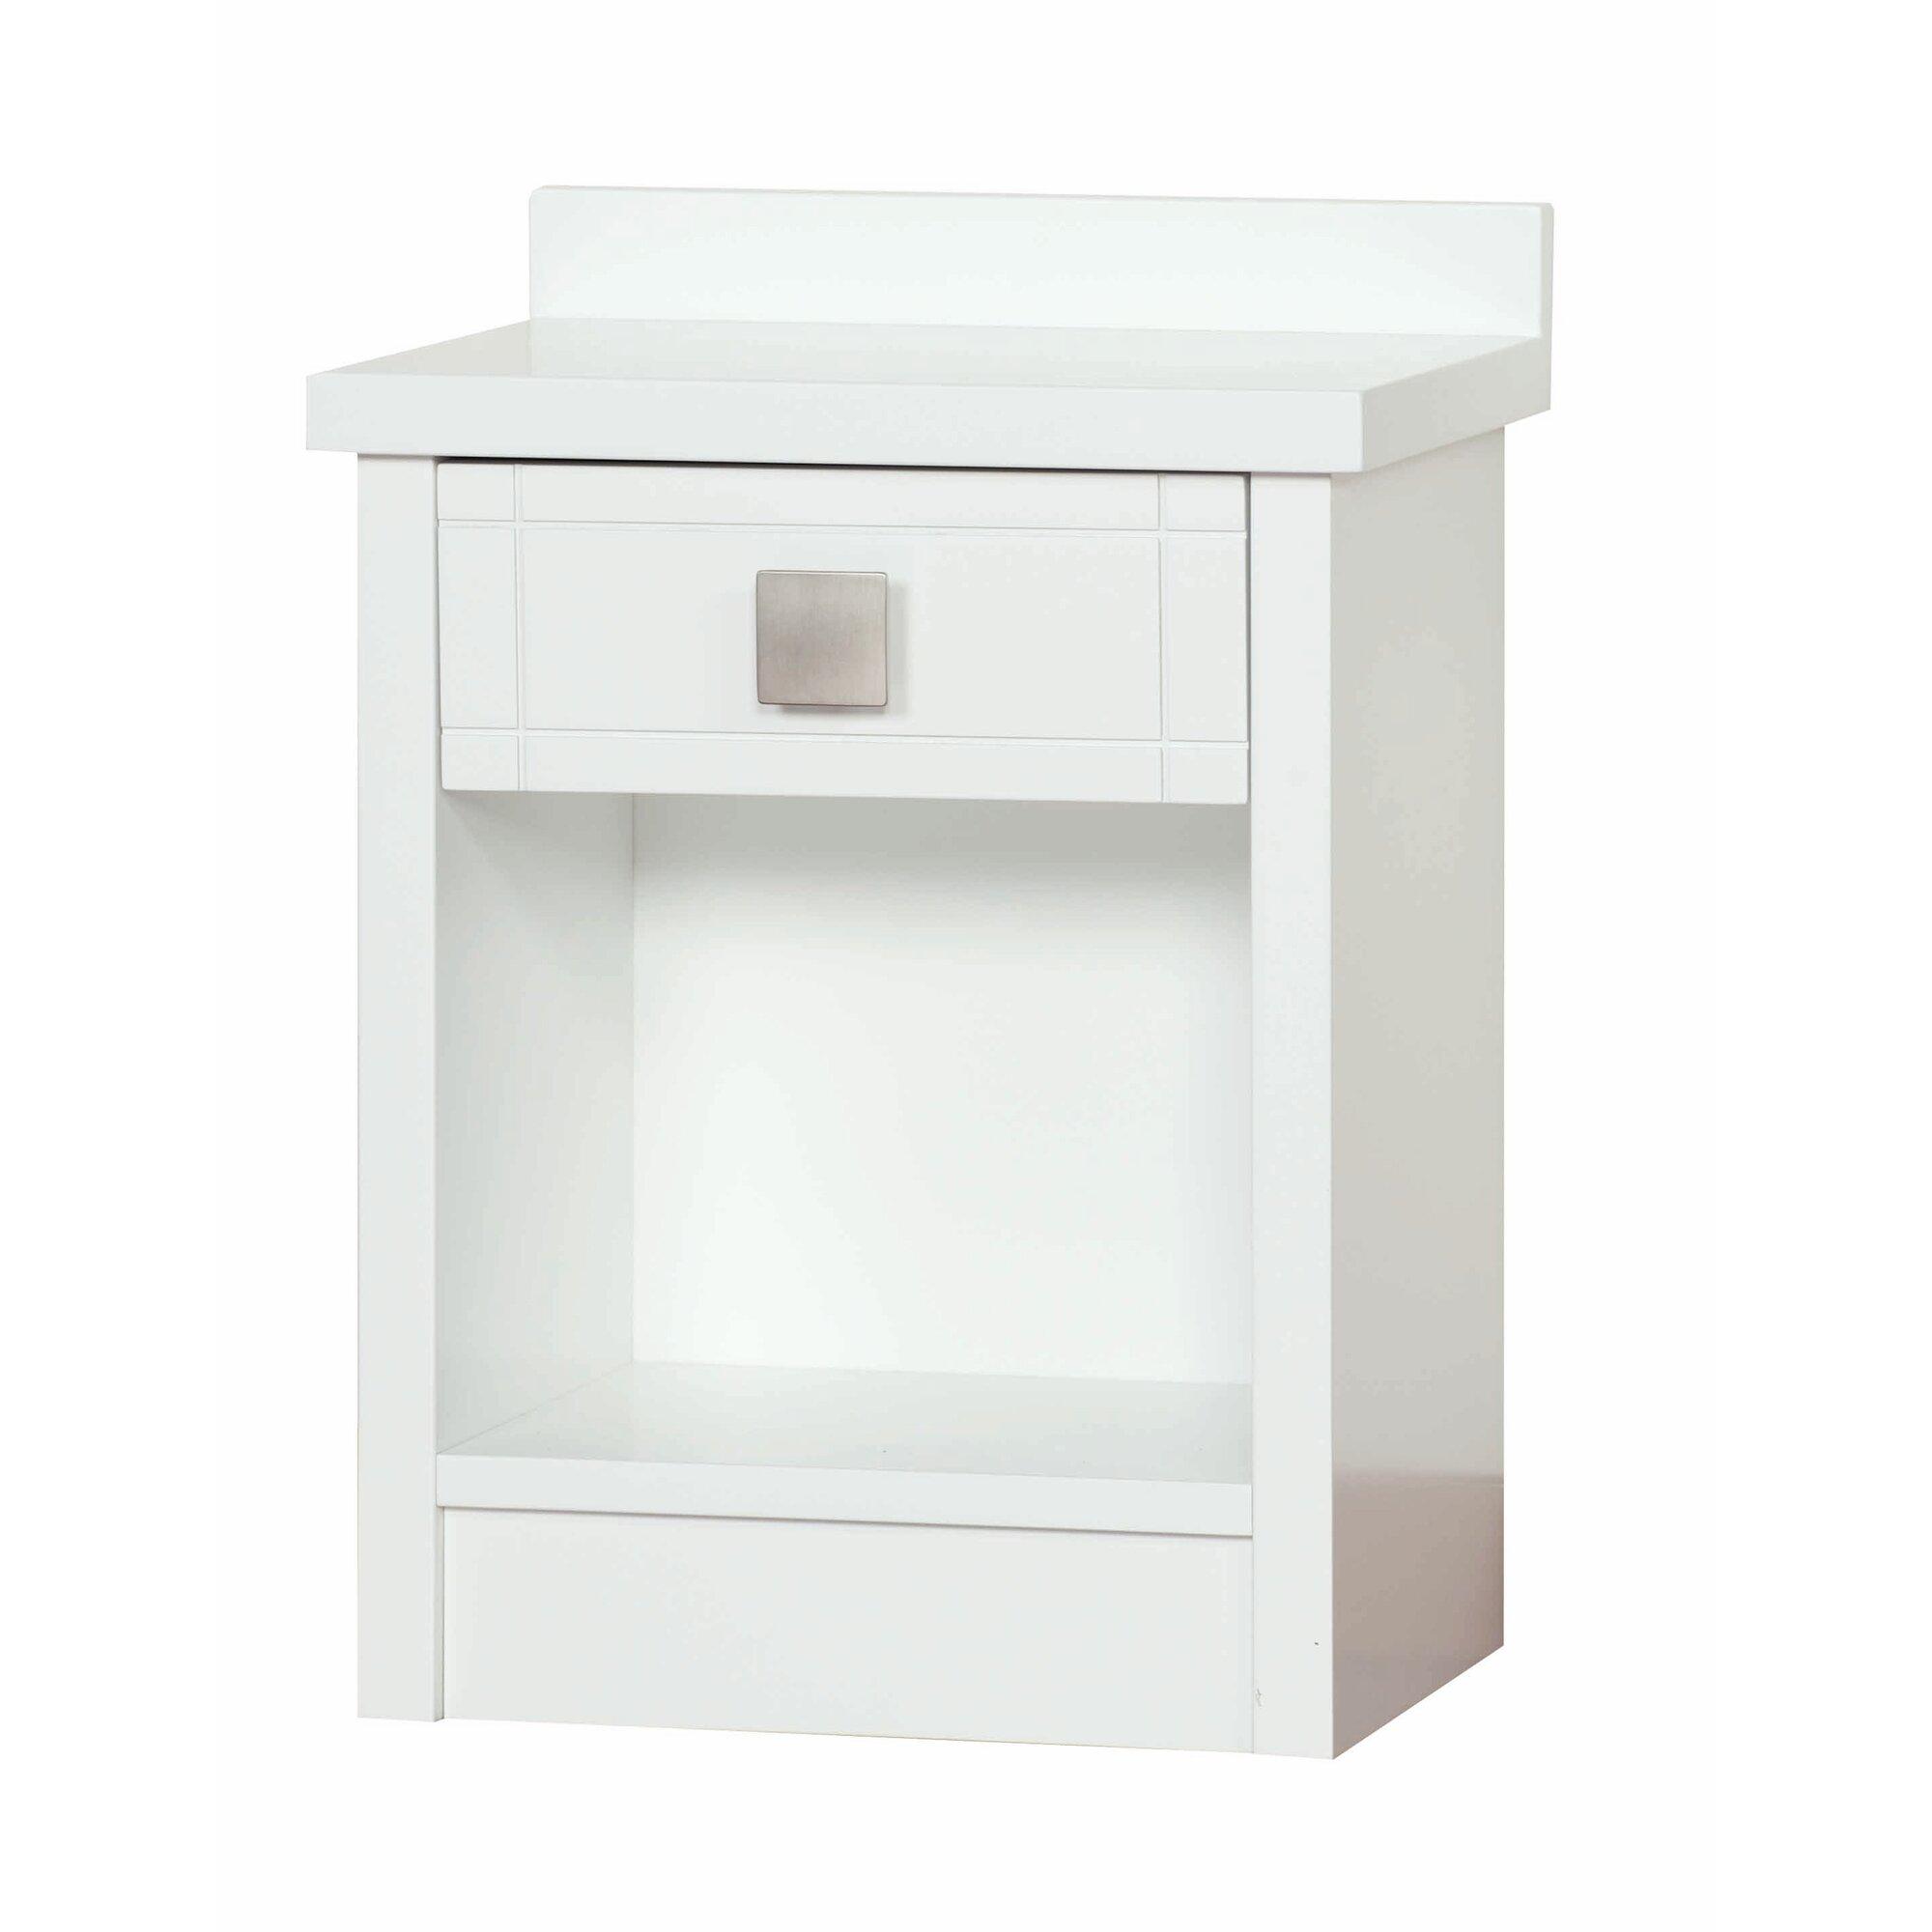 world design spain nachttisch luna mit schublade. Black Bedroom Furniture Sets. Home Design Ideas